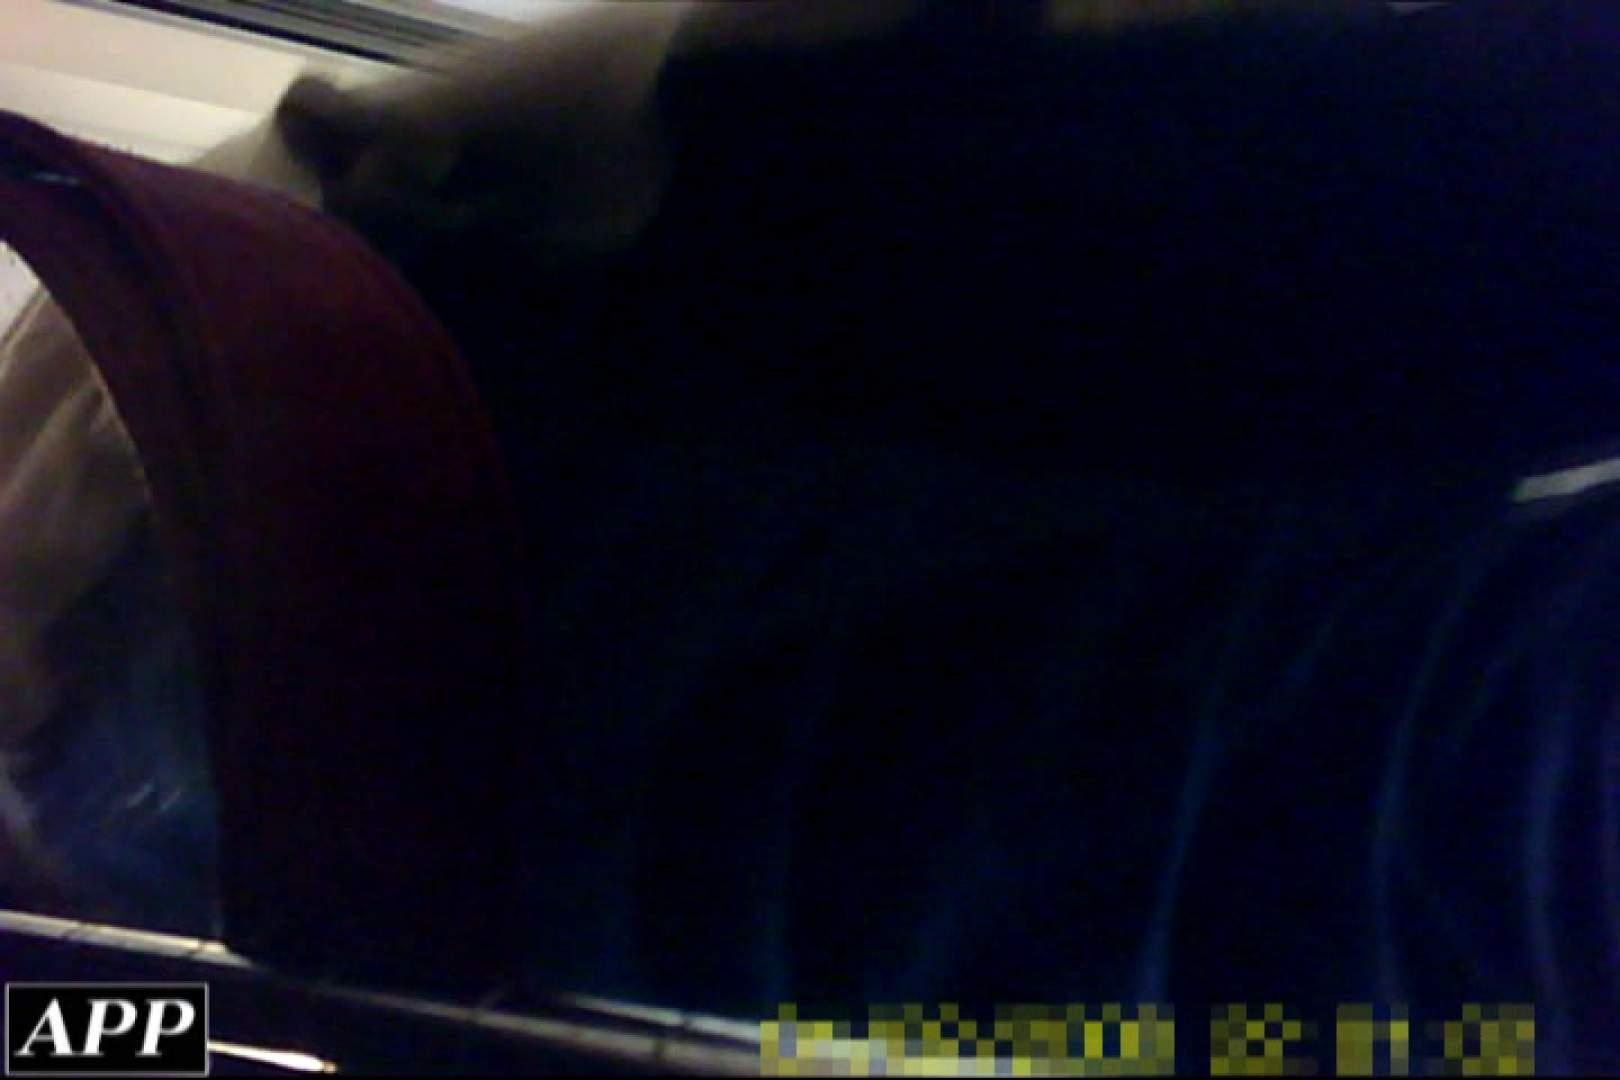 3視点洗面所 vol.103 OLのボディ エロ無料画像 59PIX 56